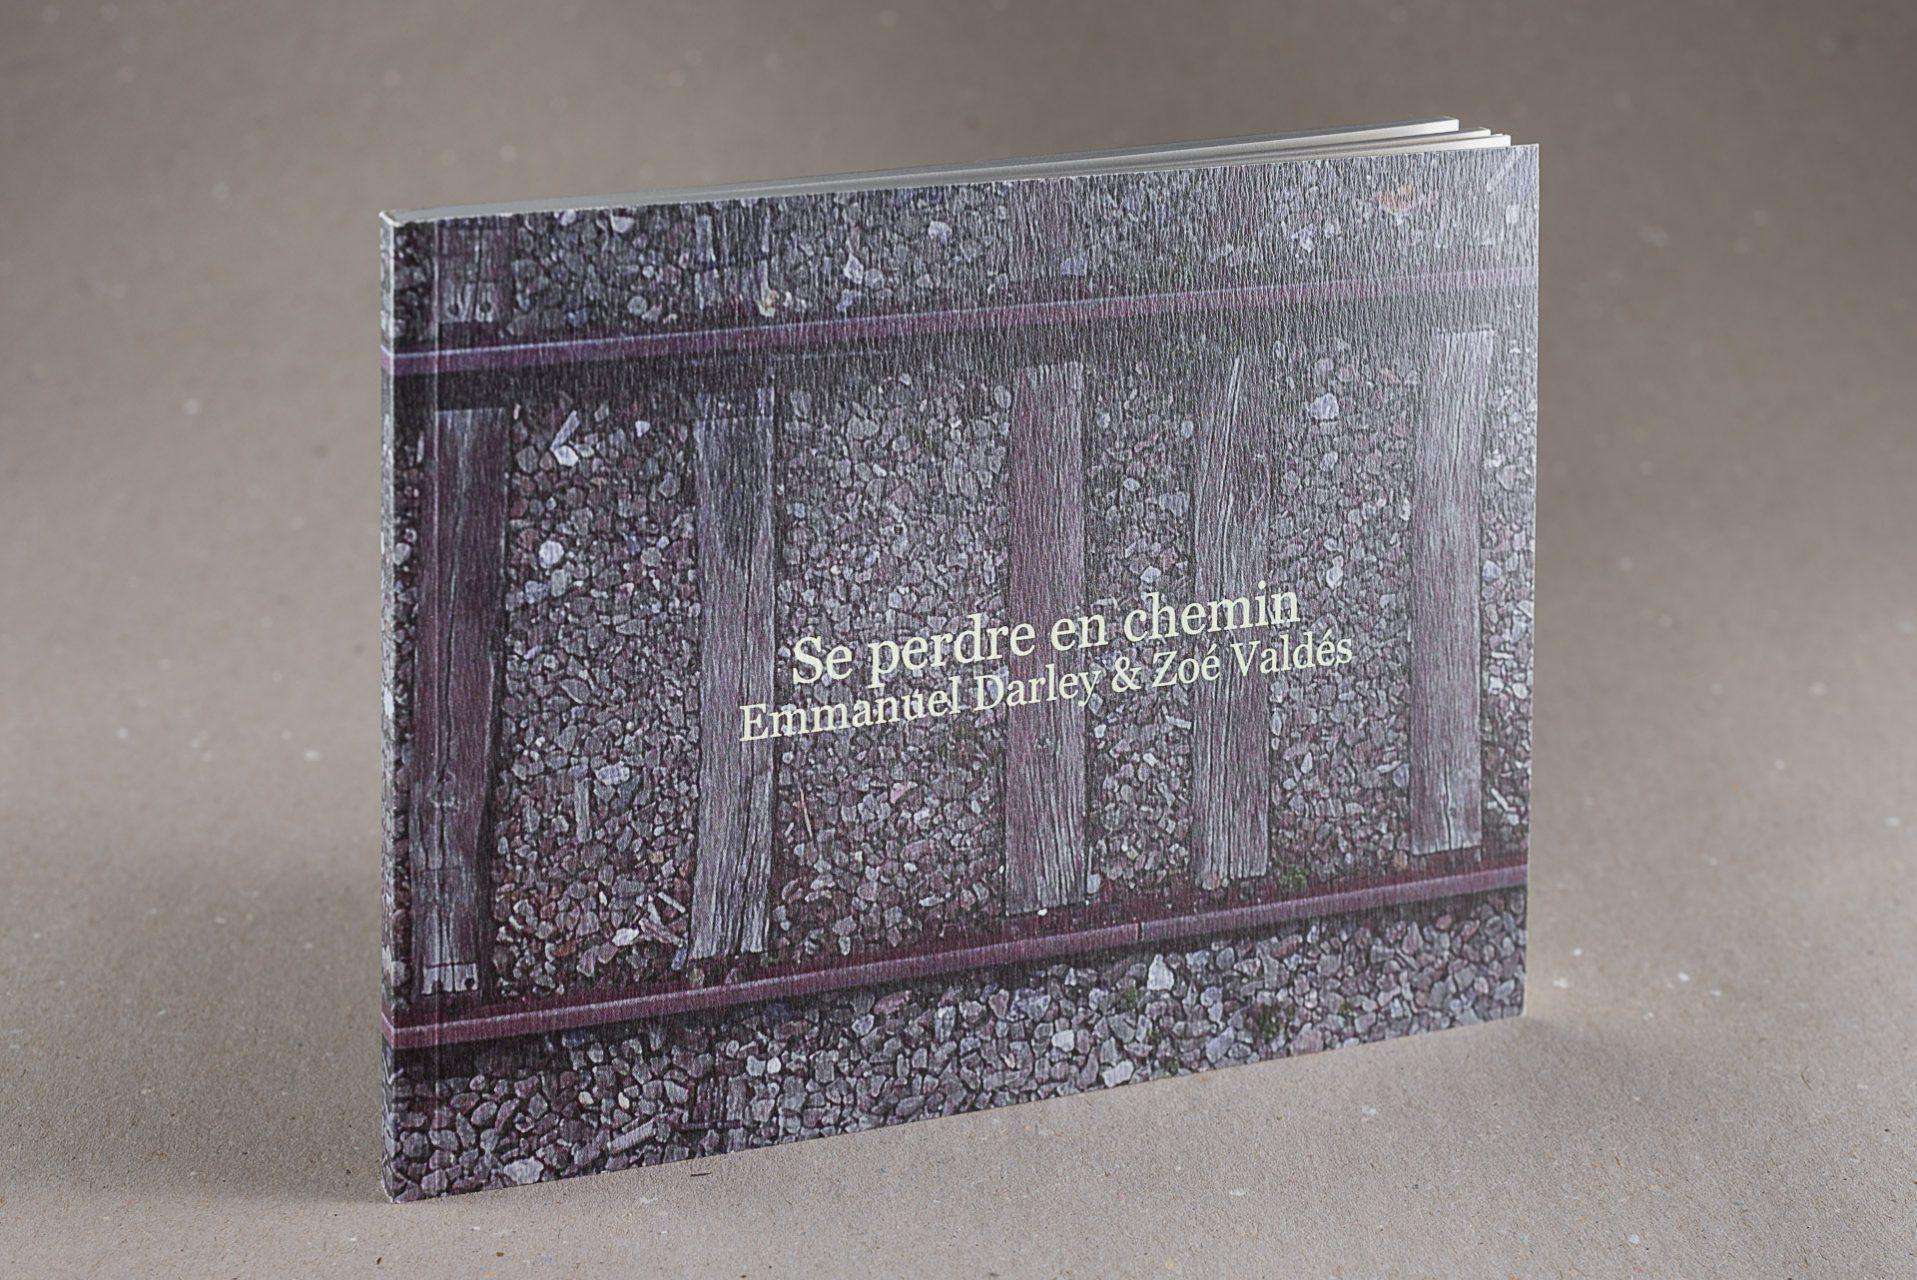 web-hd-nuit-myrtide-livre-se-perdre-en-chemin-darley-valdes-01